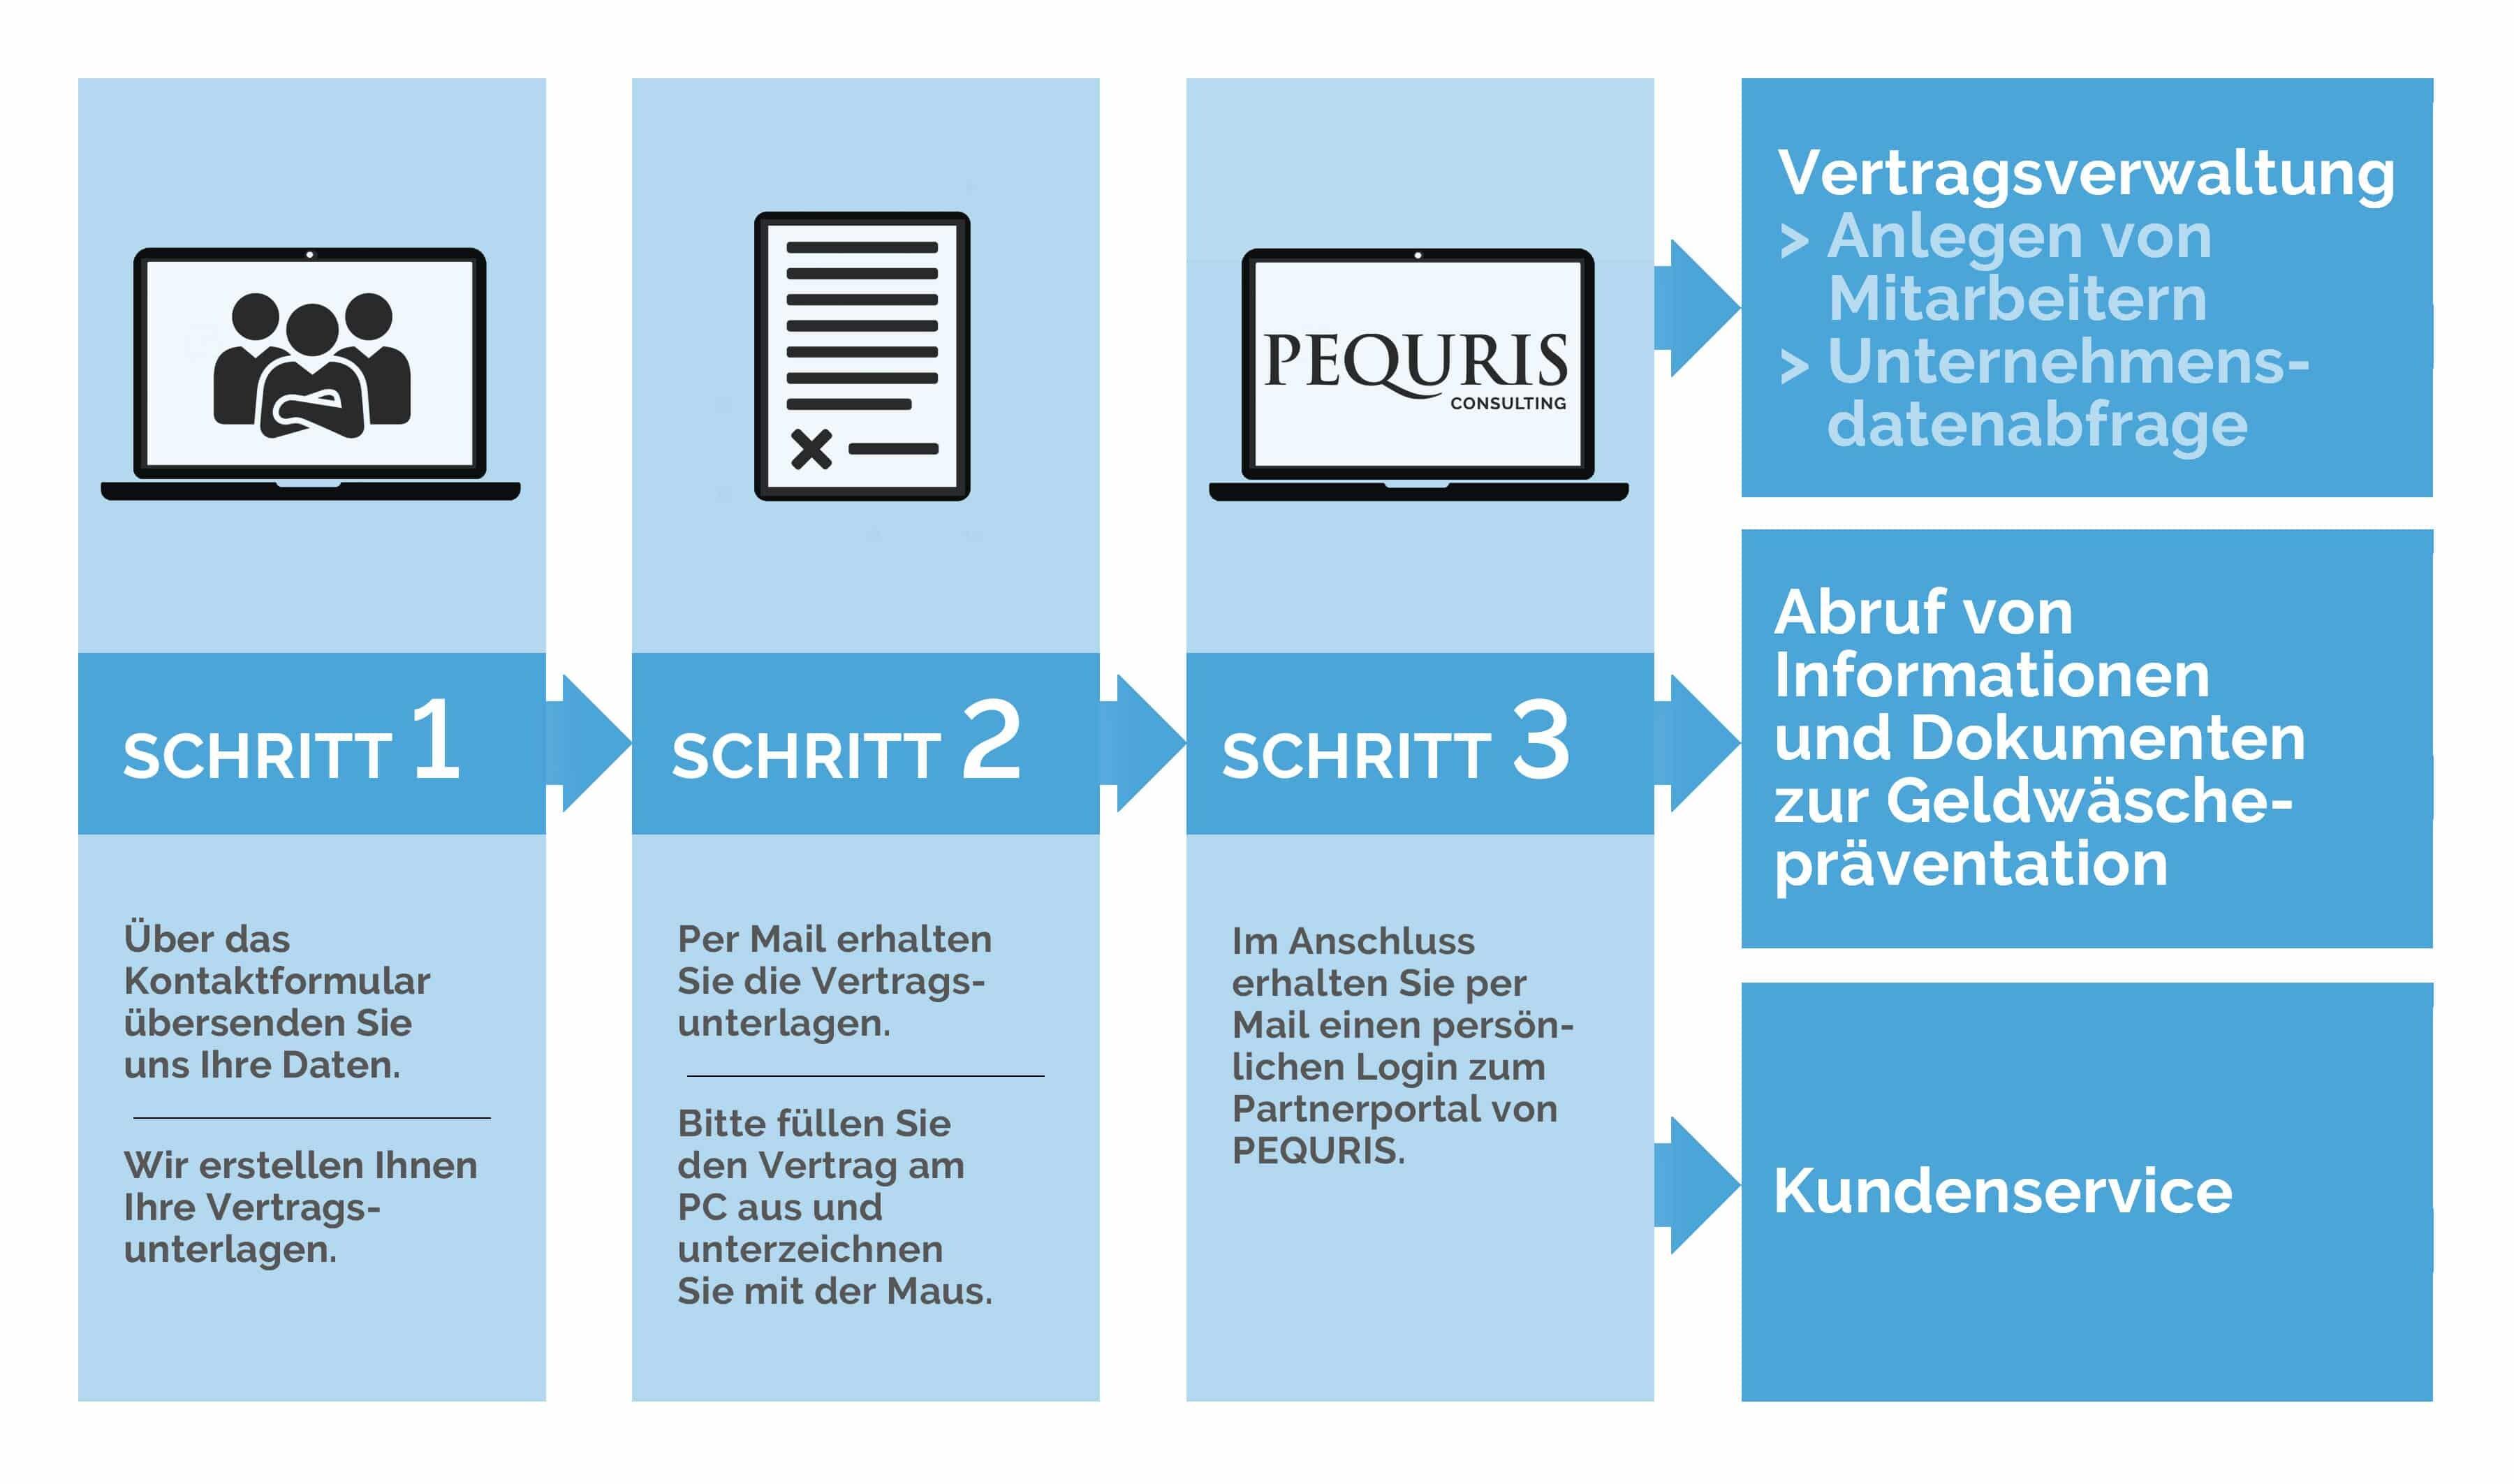 PEQURIS Geldwäsche-Prävention aus Berlin